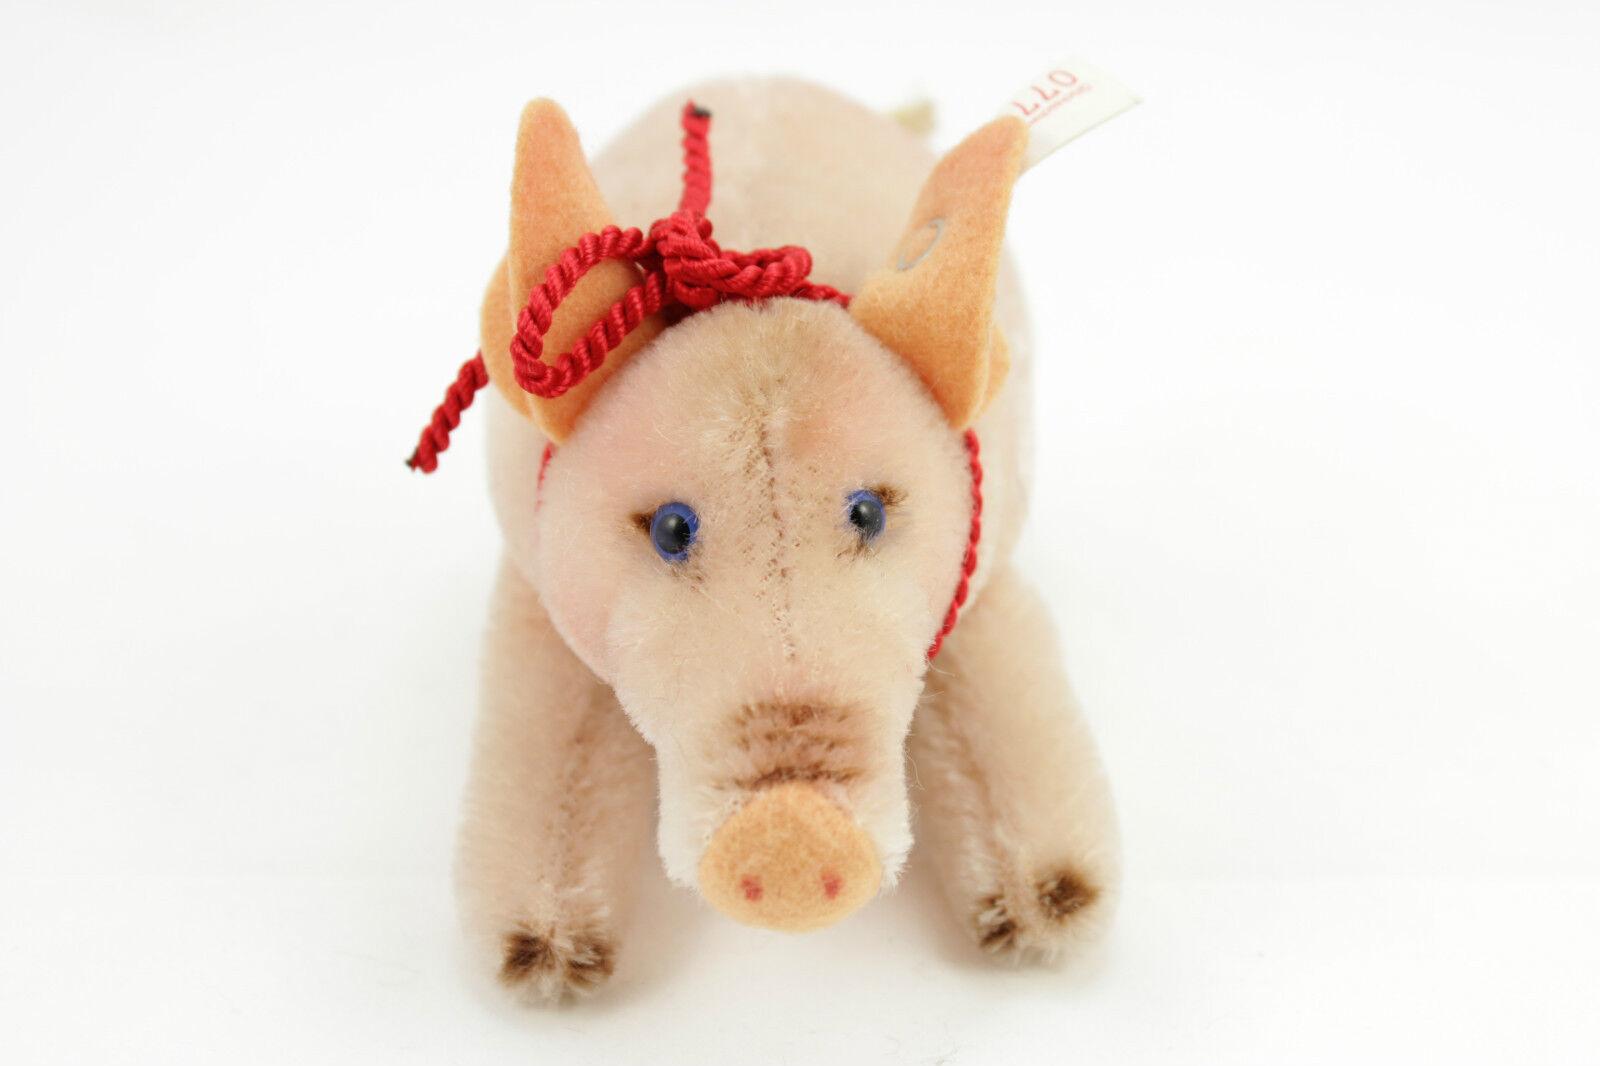 Steiff Teddy Teddybär Happy 2000 2000 2000 Schwein Glücksschwein 10 Nr.07708 033278  4 37a9a4